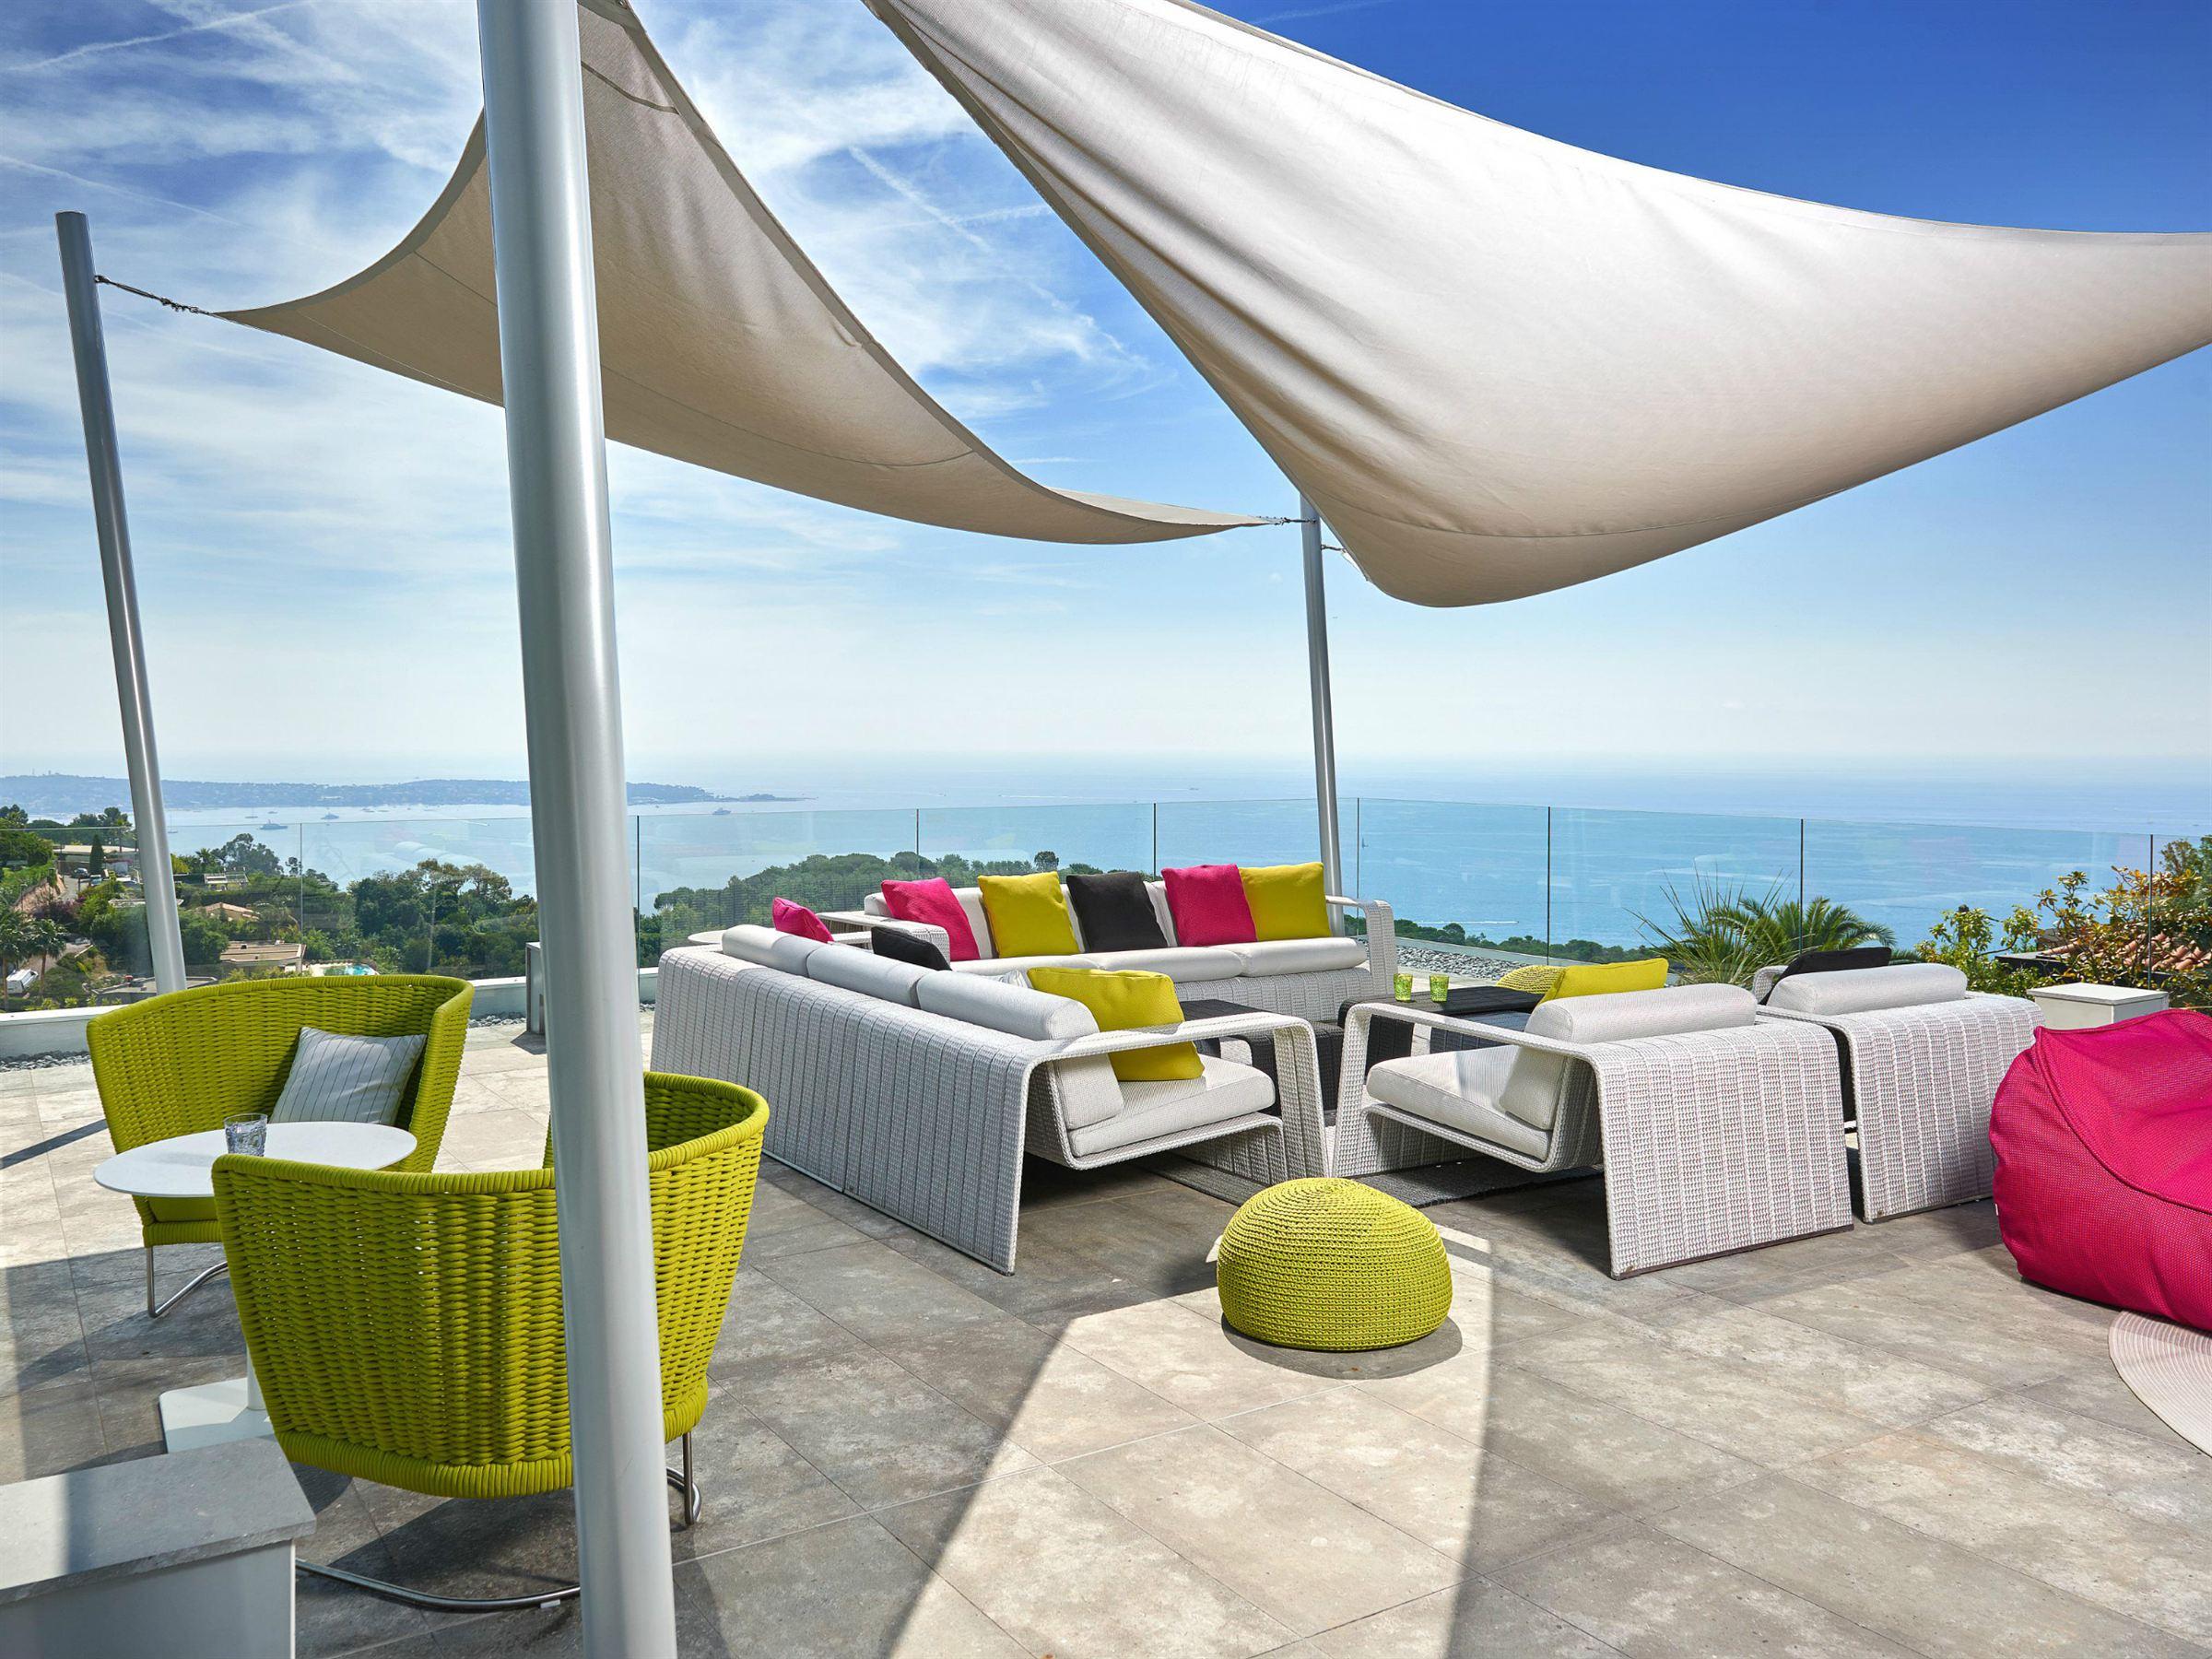 Casa Unifamiliar por un Venta en Cannes - incredible contemporary villa with extraordinary sea views Cannes, Provincia - Alpes - Costa Azul 06400 Francia